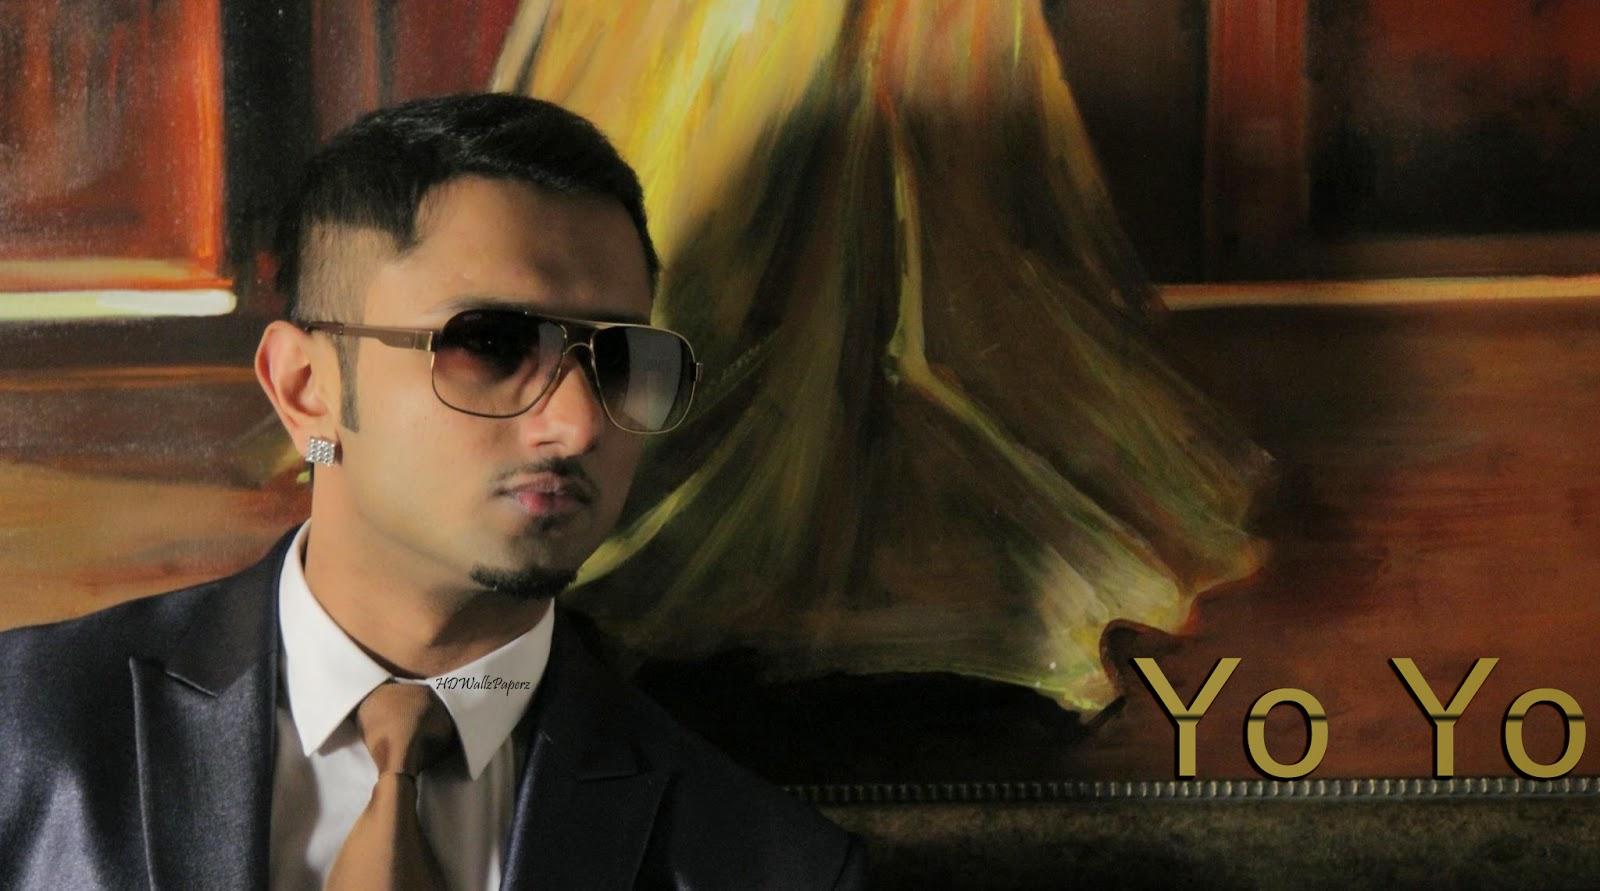 Hd wallpaper yo yo - In Professional Look Of Honey Singh Hd Wallpaper